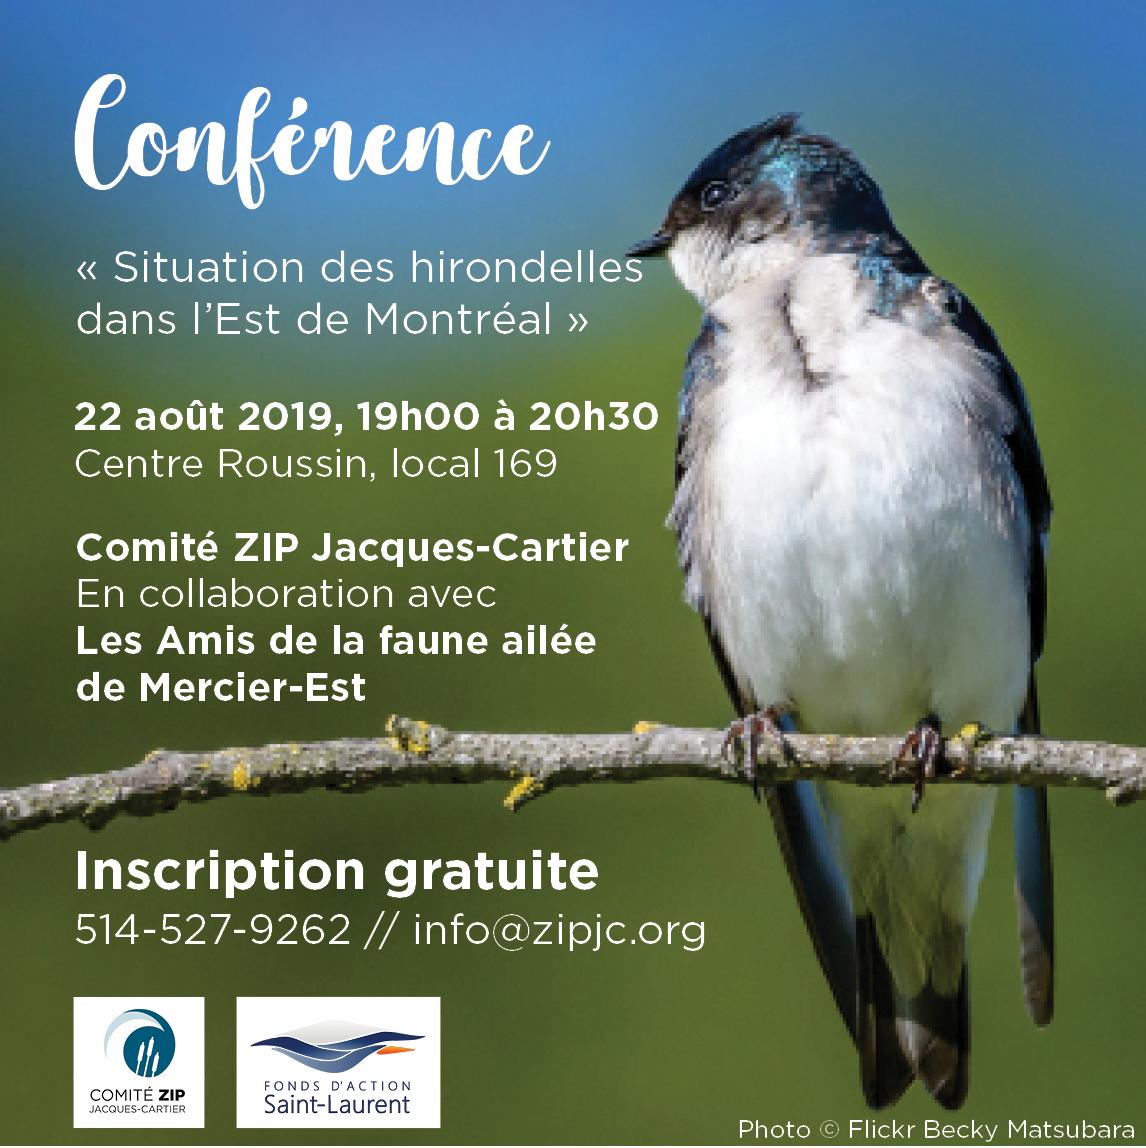 Conférence : la situation des hirondelles dans l'Est de Montréal